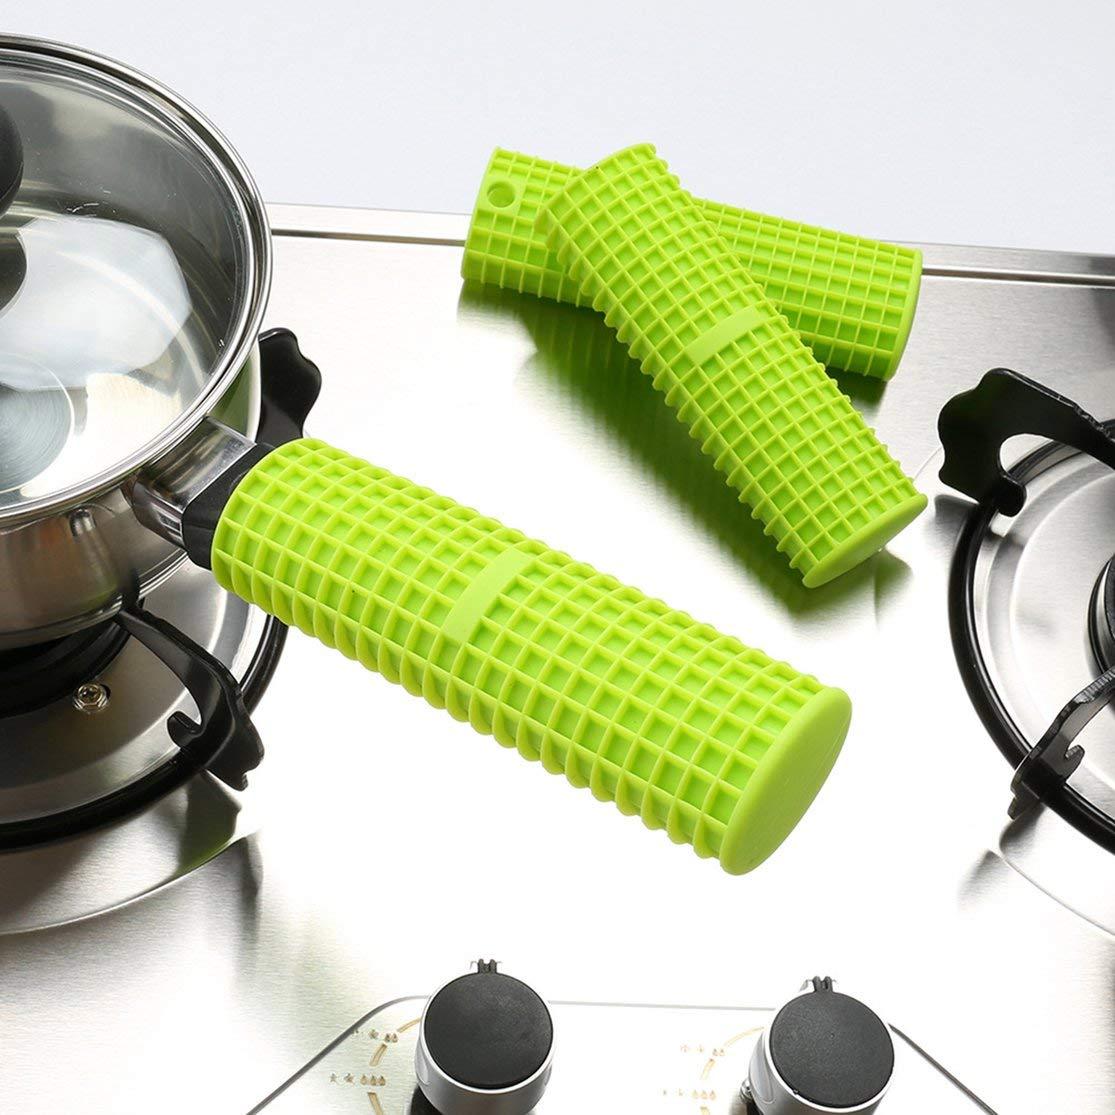 LouiseEvel215 Manija de Olla de Silicona Mango Cazo Soporte Funda Antideslizante Agarre Utensilios de Cocina Utensilios de Cocina Resistentes al Calor Aislamiento Mitones